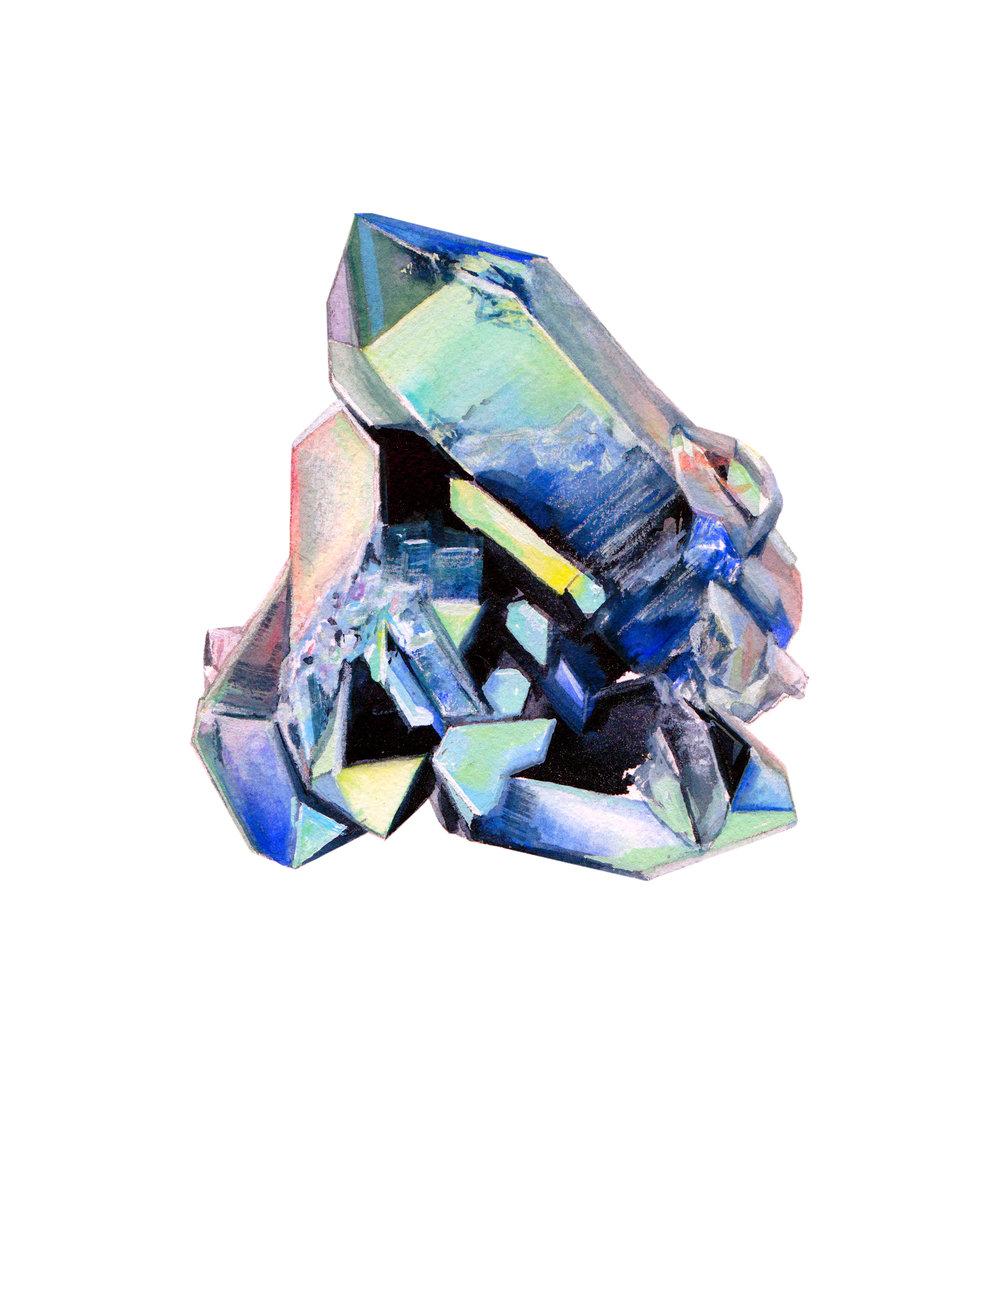 Titanium Quartz lll